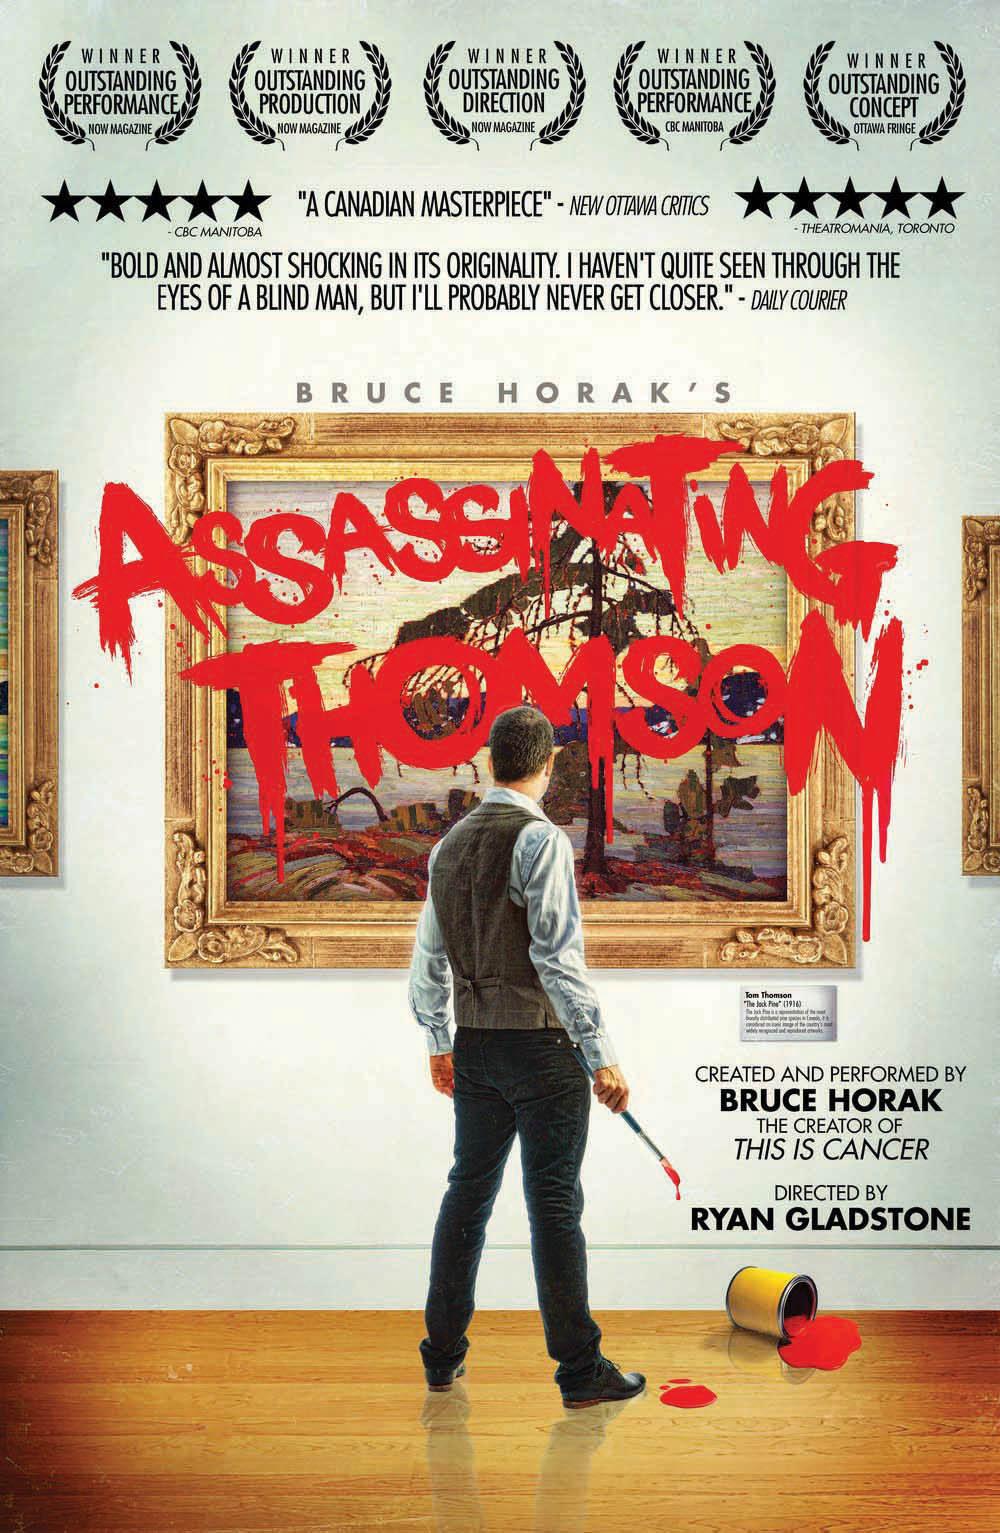 Bruce Horak's Assassinating Thomson. Poster courtesy Bruce Horak.